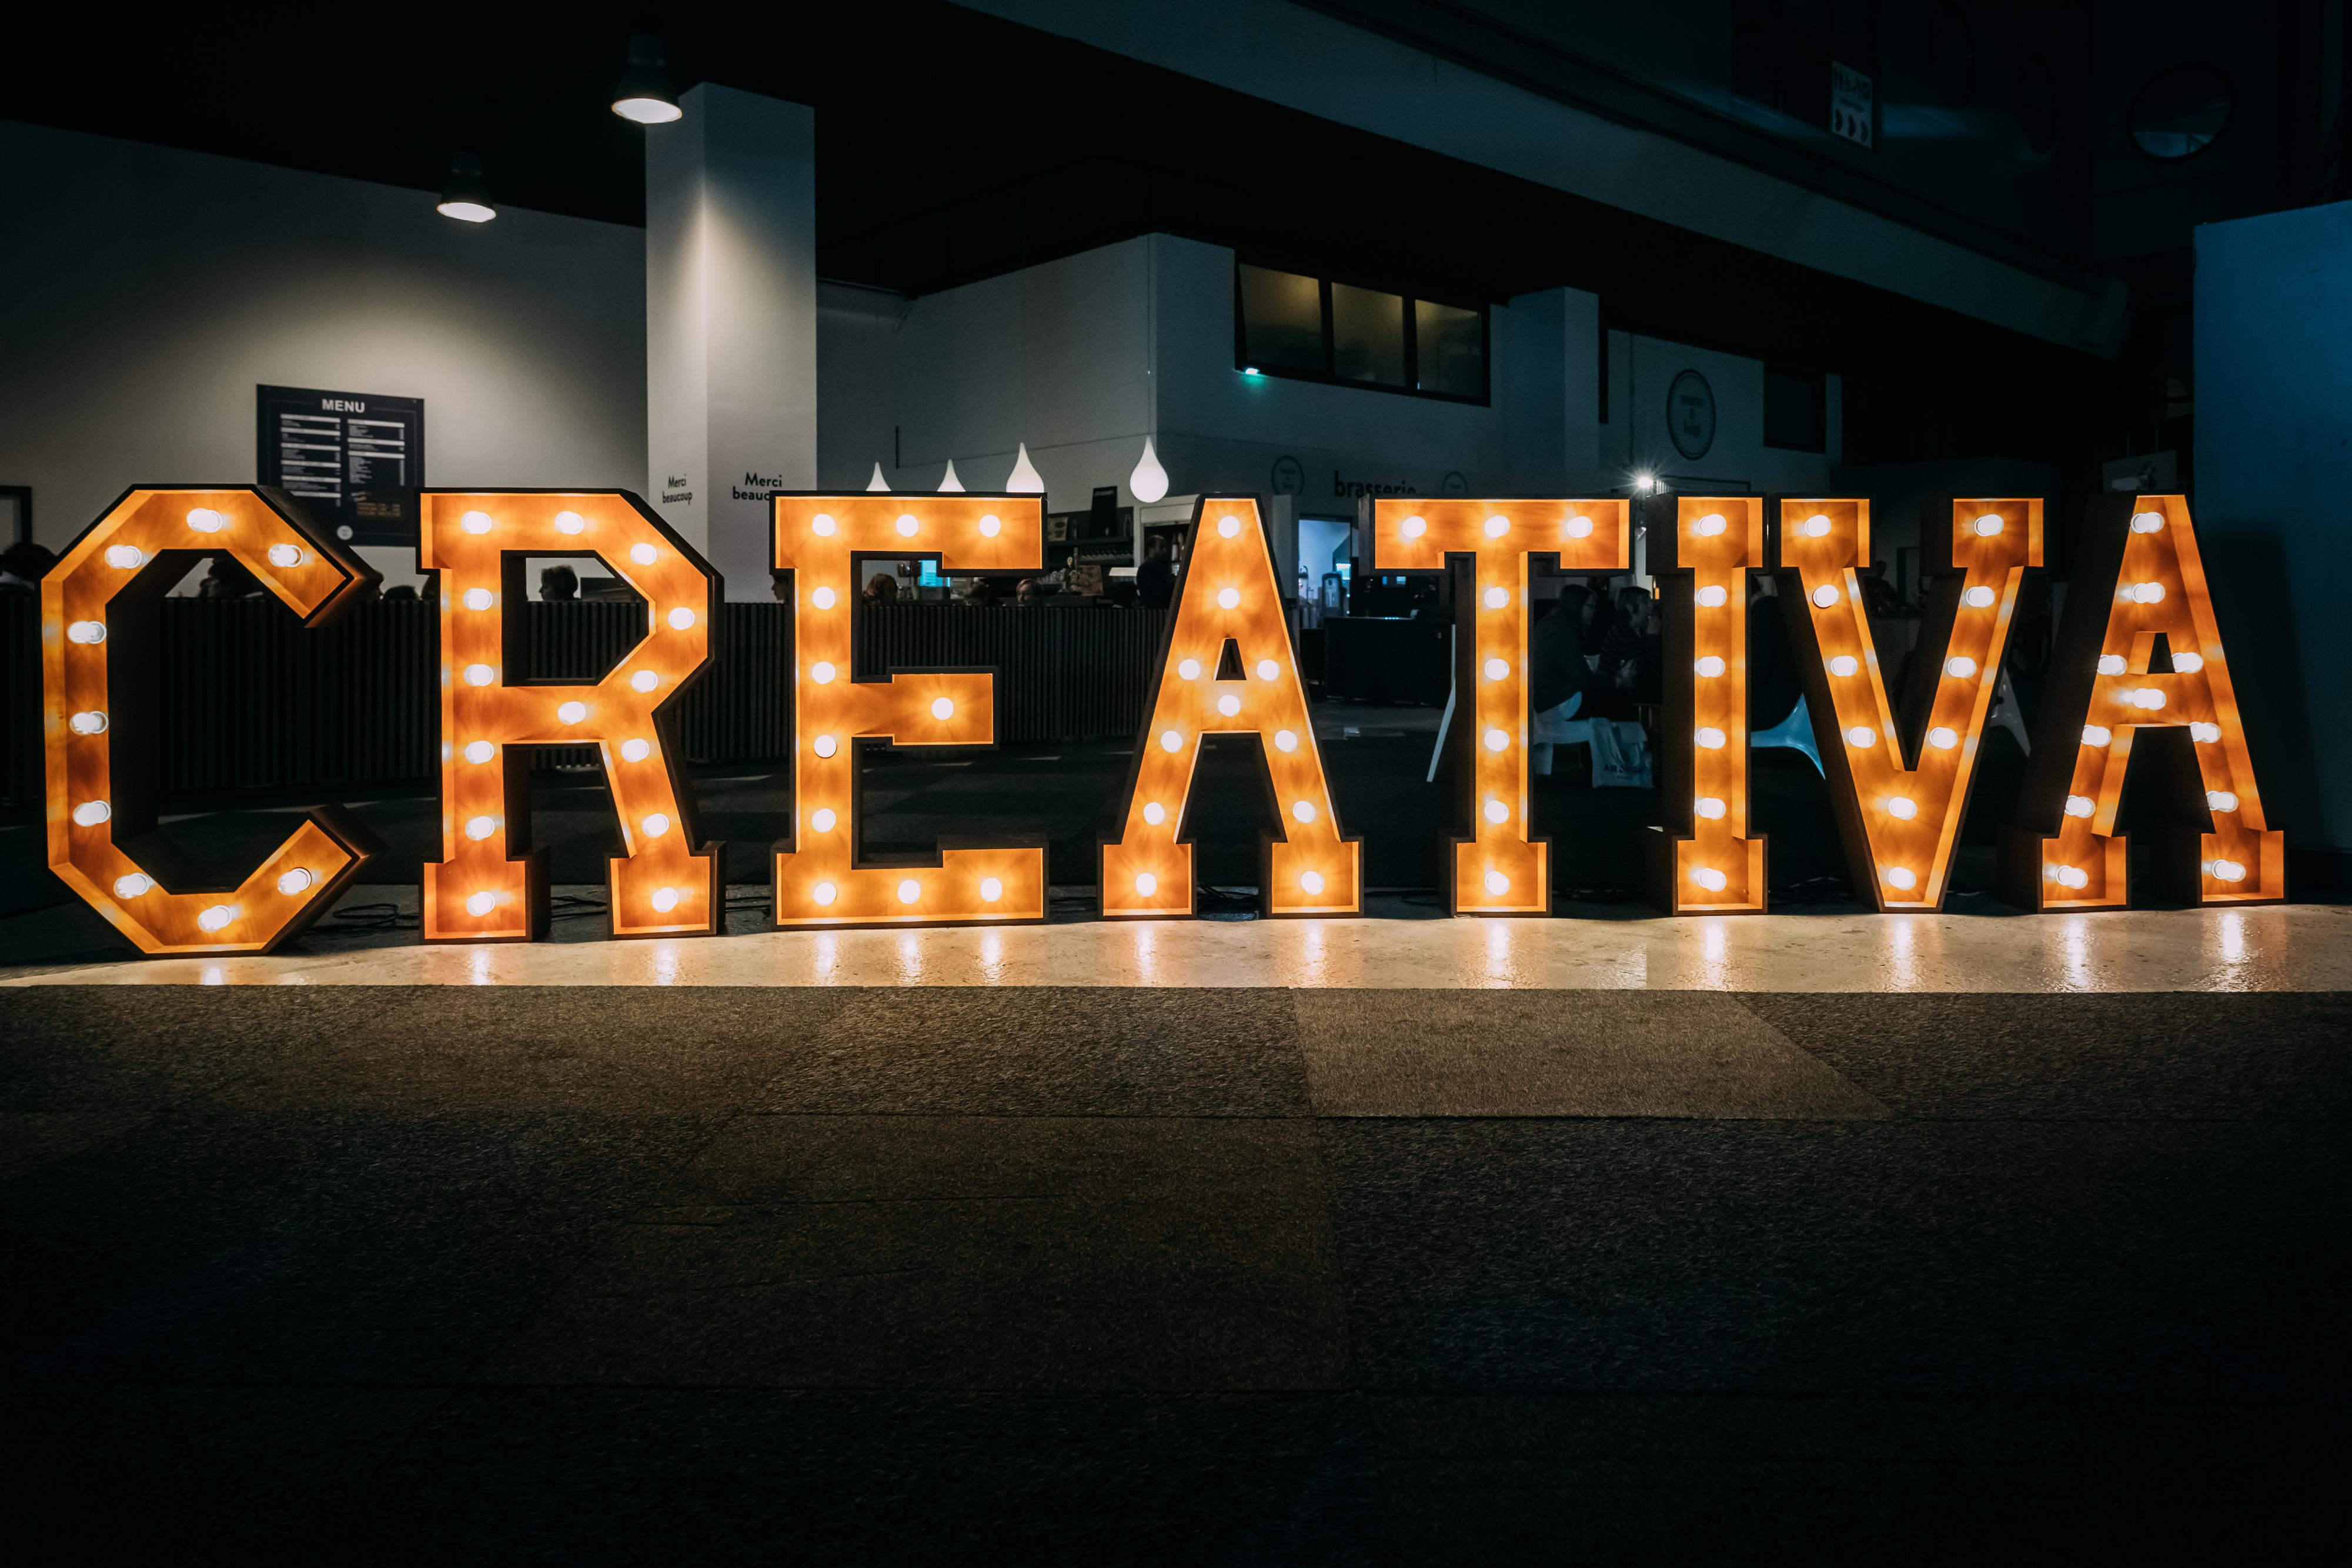 05102019-Creativa_Namur_2019-05102019-IM